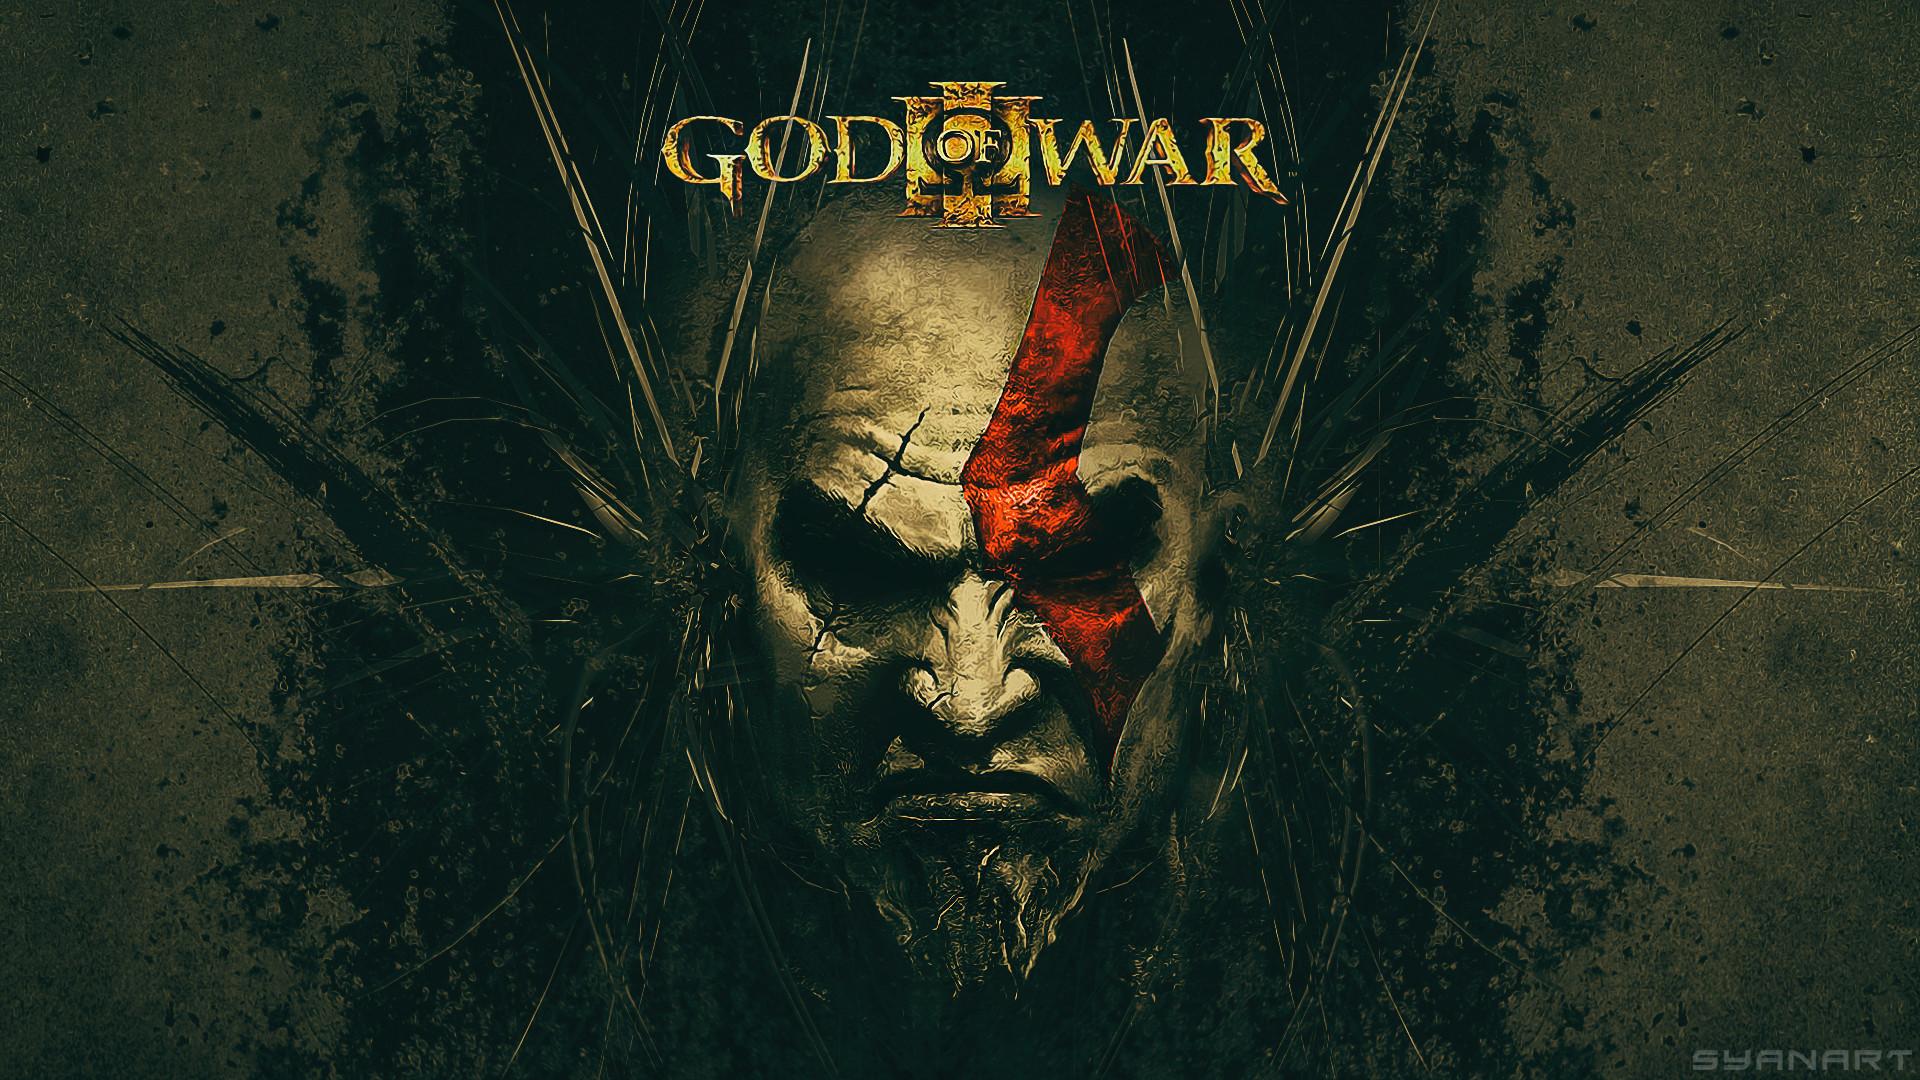 1920ã—1080 Px   Data Src Cool God Of War 3 Wallpaper - Kratos Wallpaper God Of War Hd - HD Wallpaper